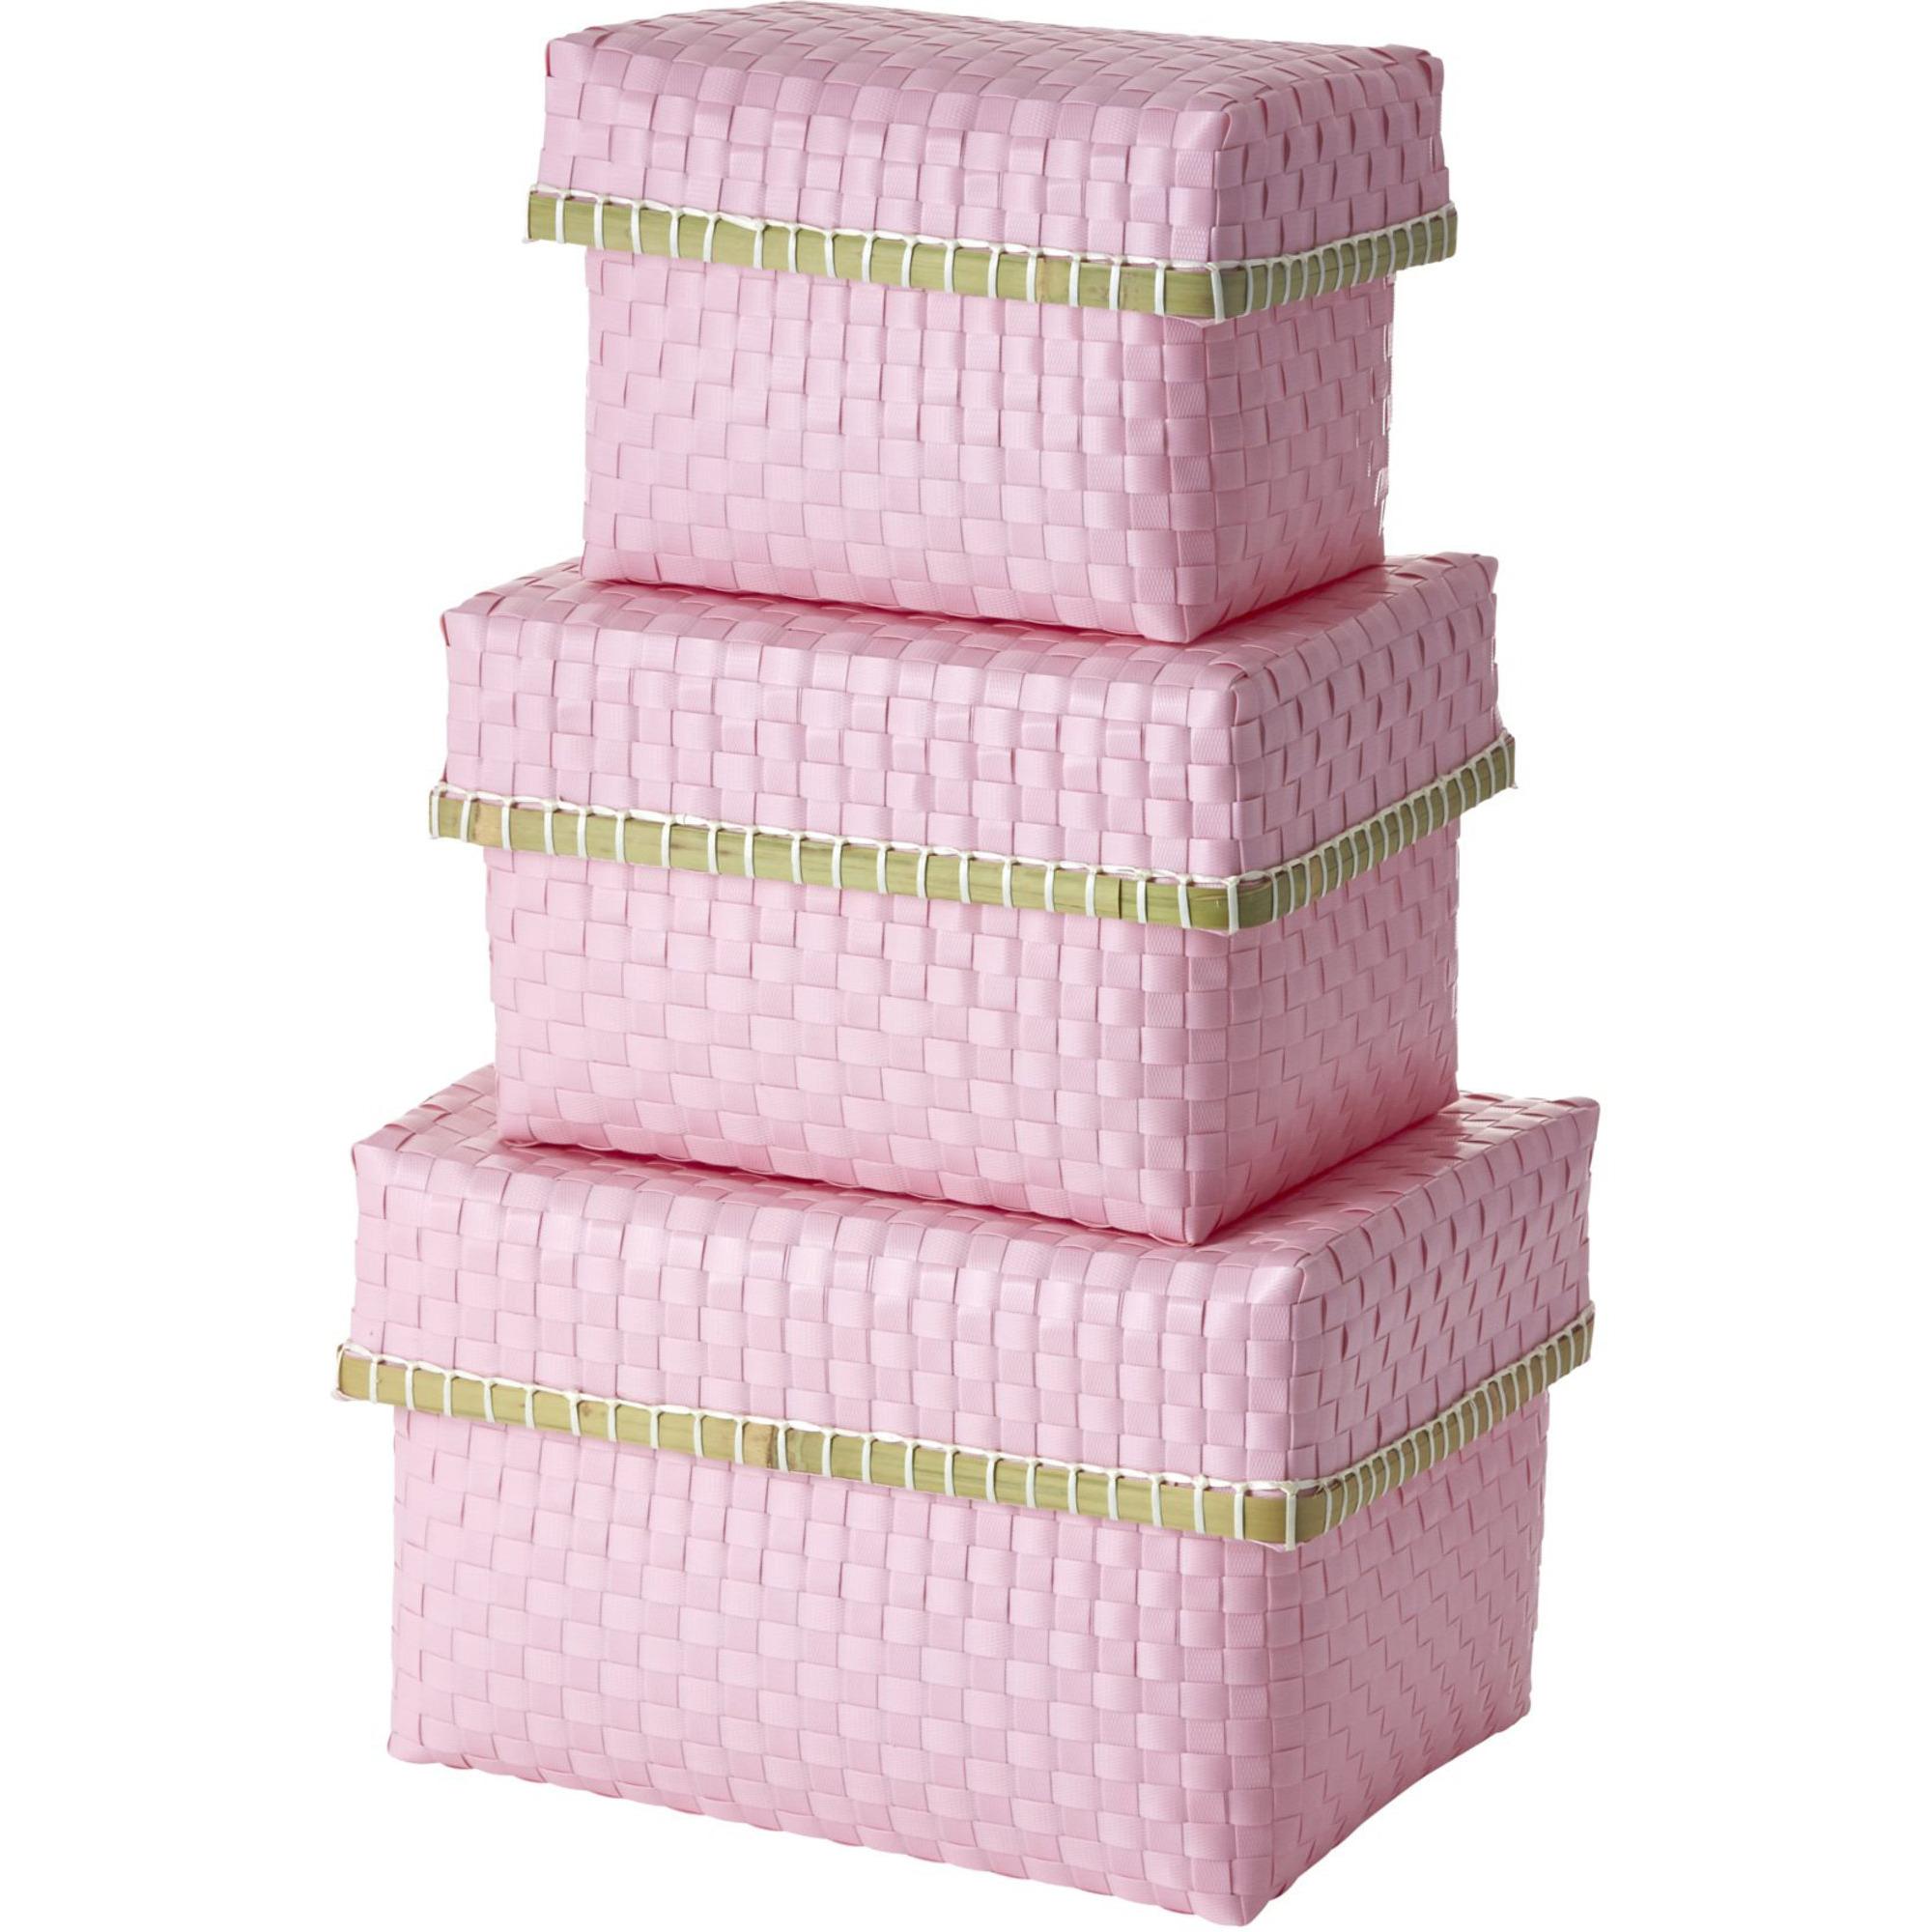 Rice Förvaringsboxar 3-storlekar Plastband Rosa